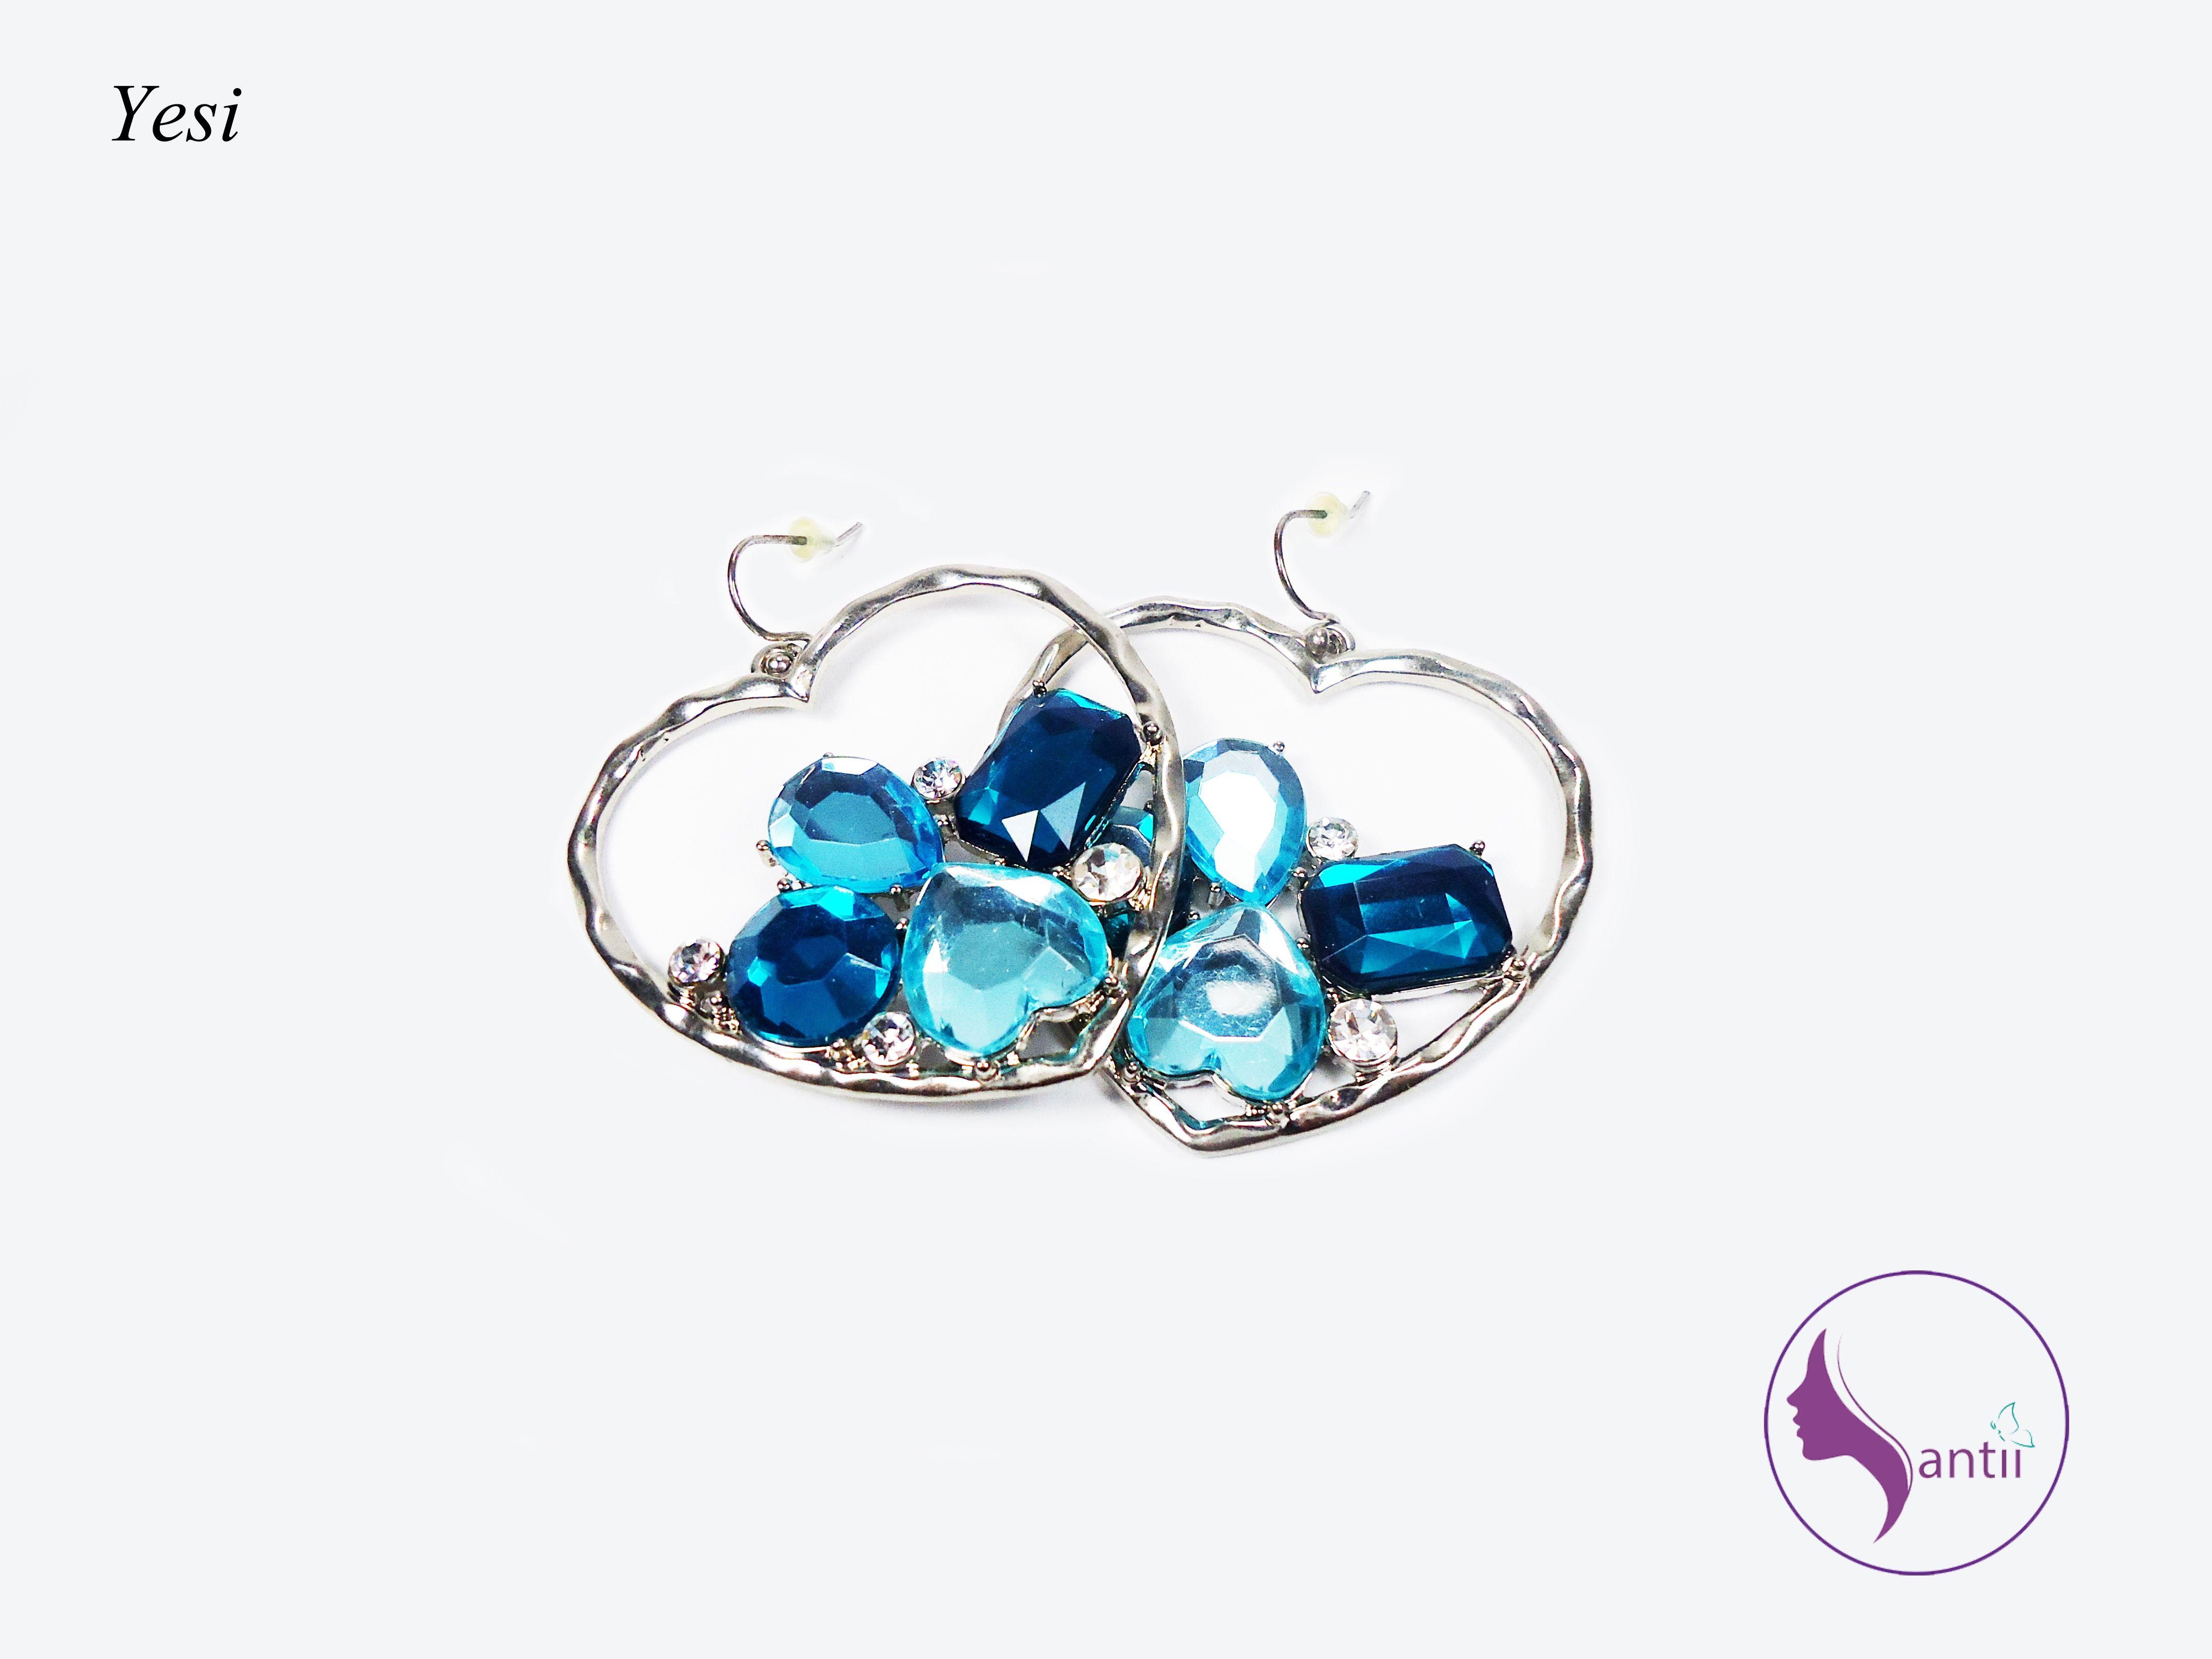 Preciosos aretes en forma de corazón, en color azul. Te harán ver más hermosa de lo que ya estás. <3...